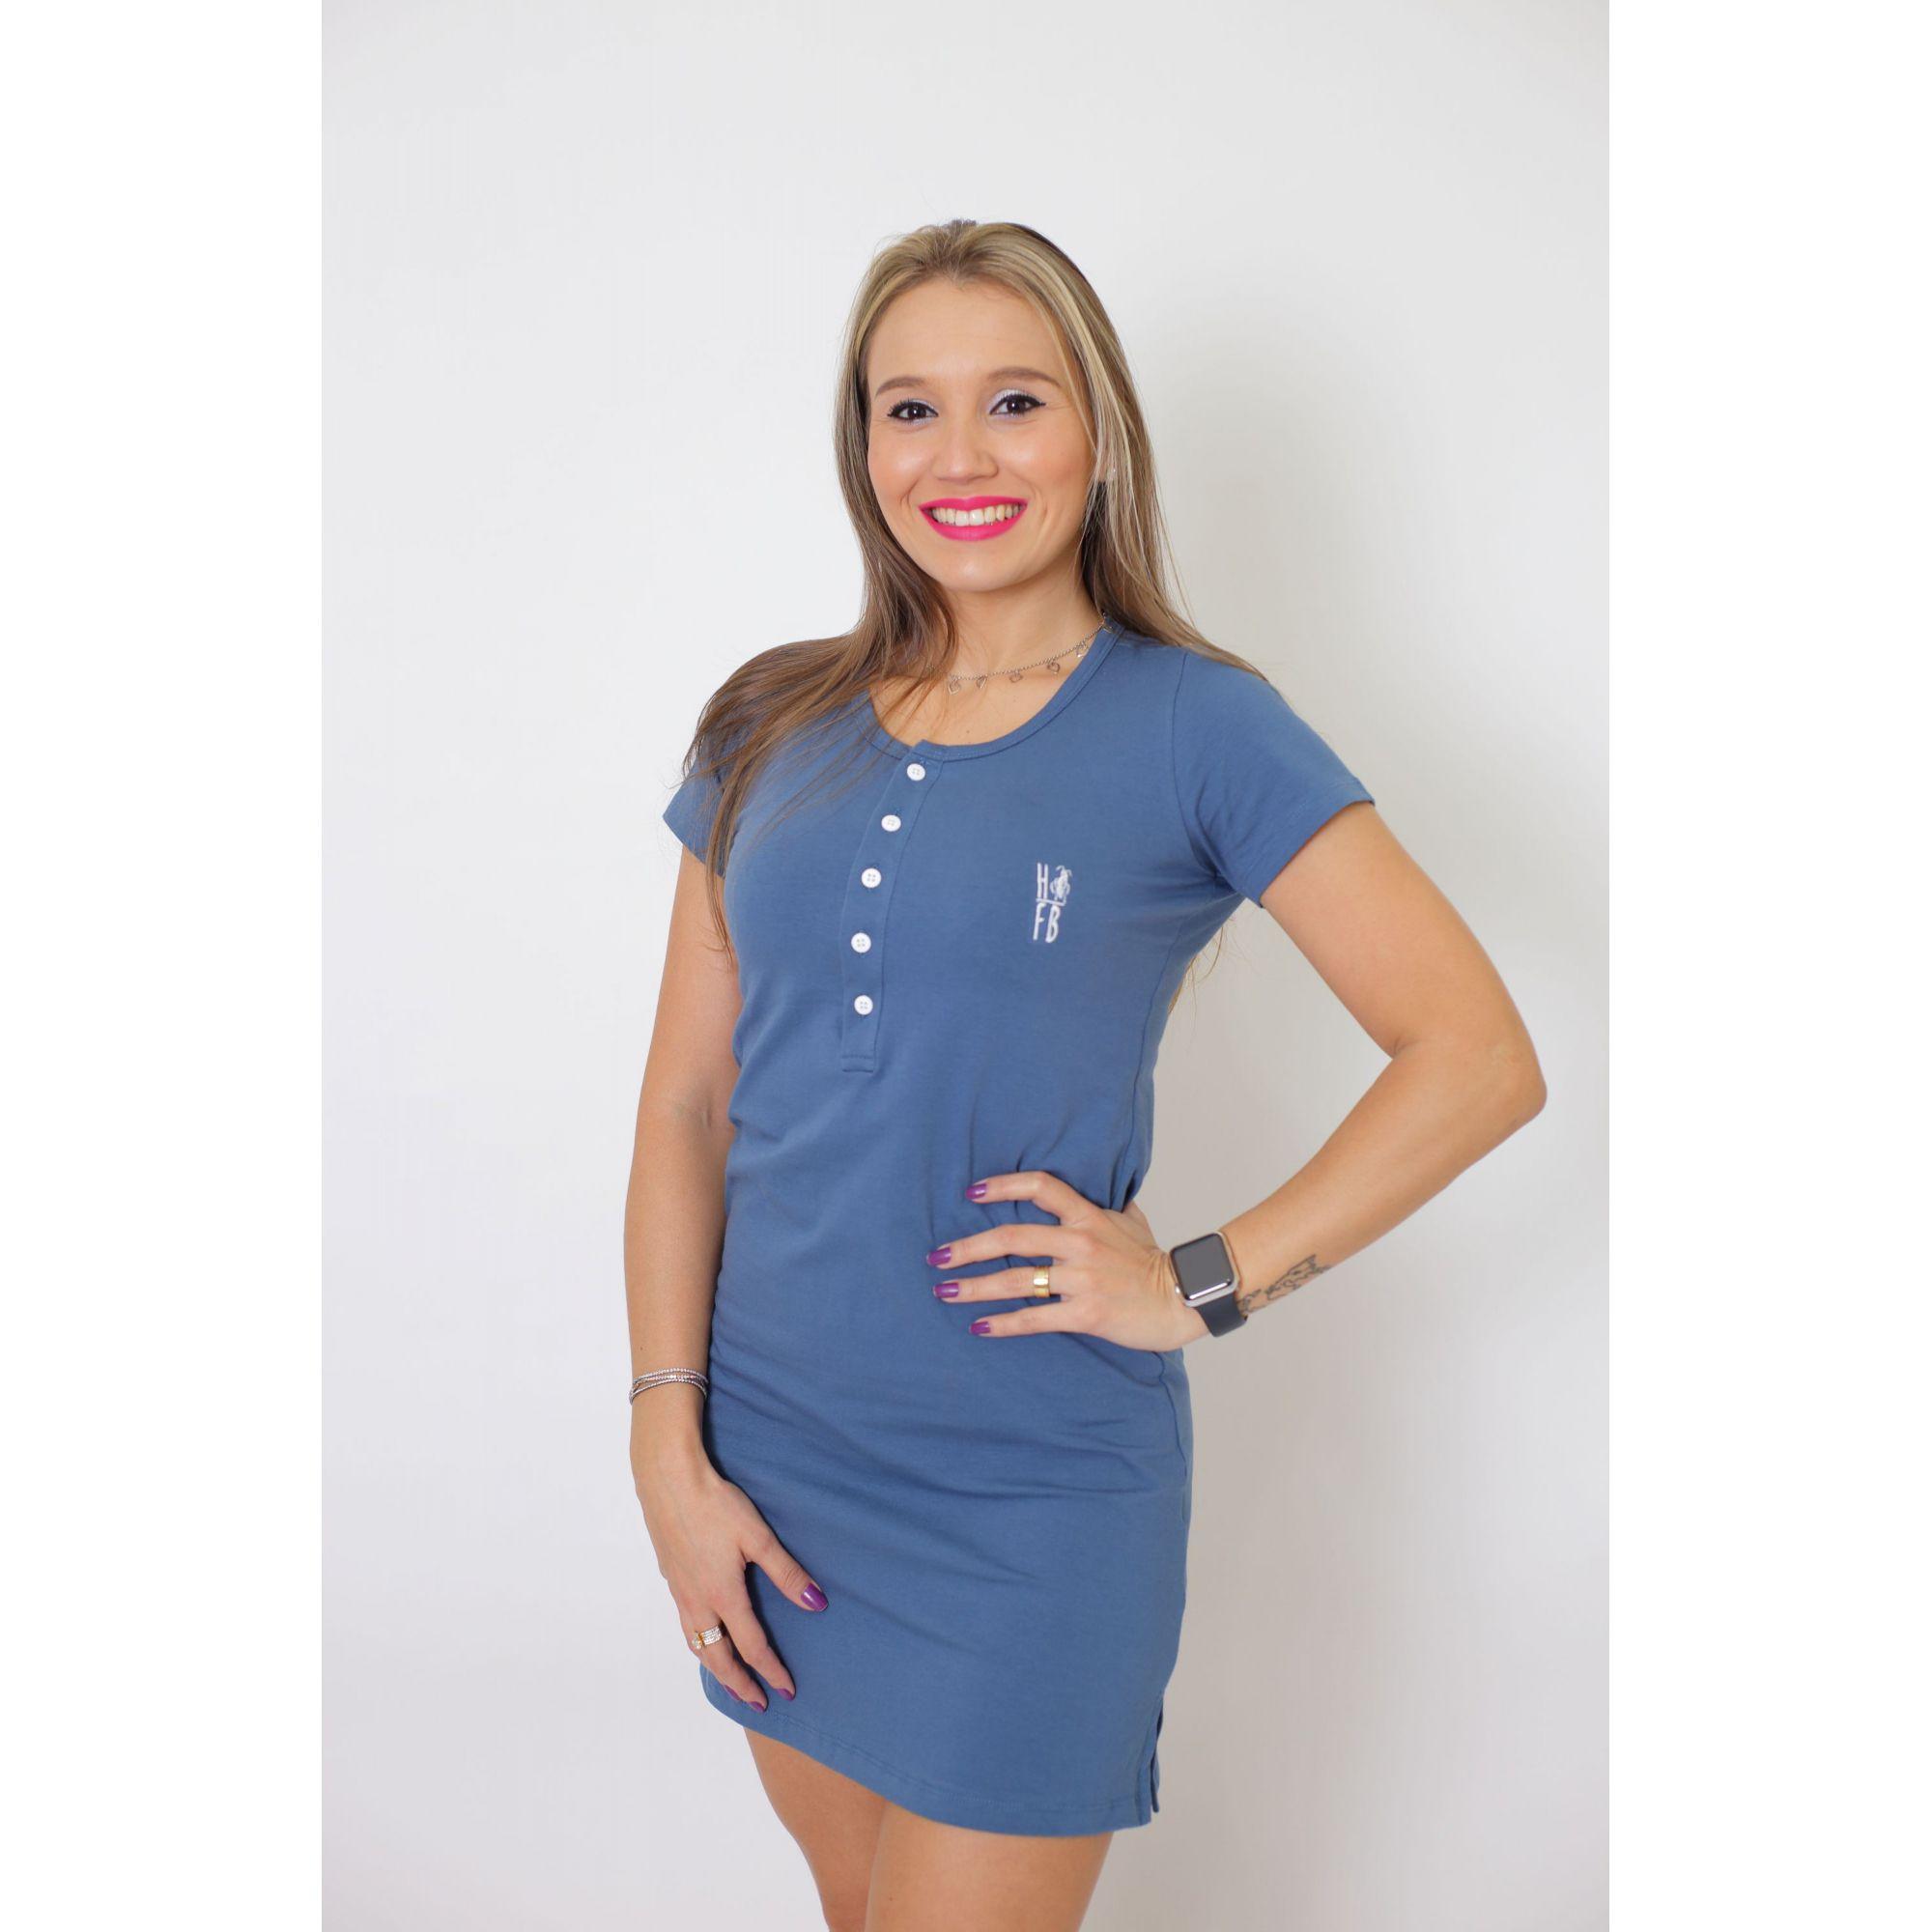 PAIS E FILHA > Kit 3 Peças T-Shirt + Vestido + t-Shirt ou Body Infantil Henley - Azul Petróleo [Coleção Família]  - Heitor Fashion Brazil